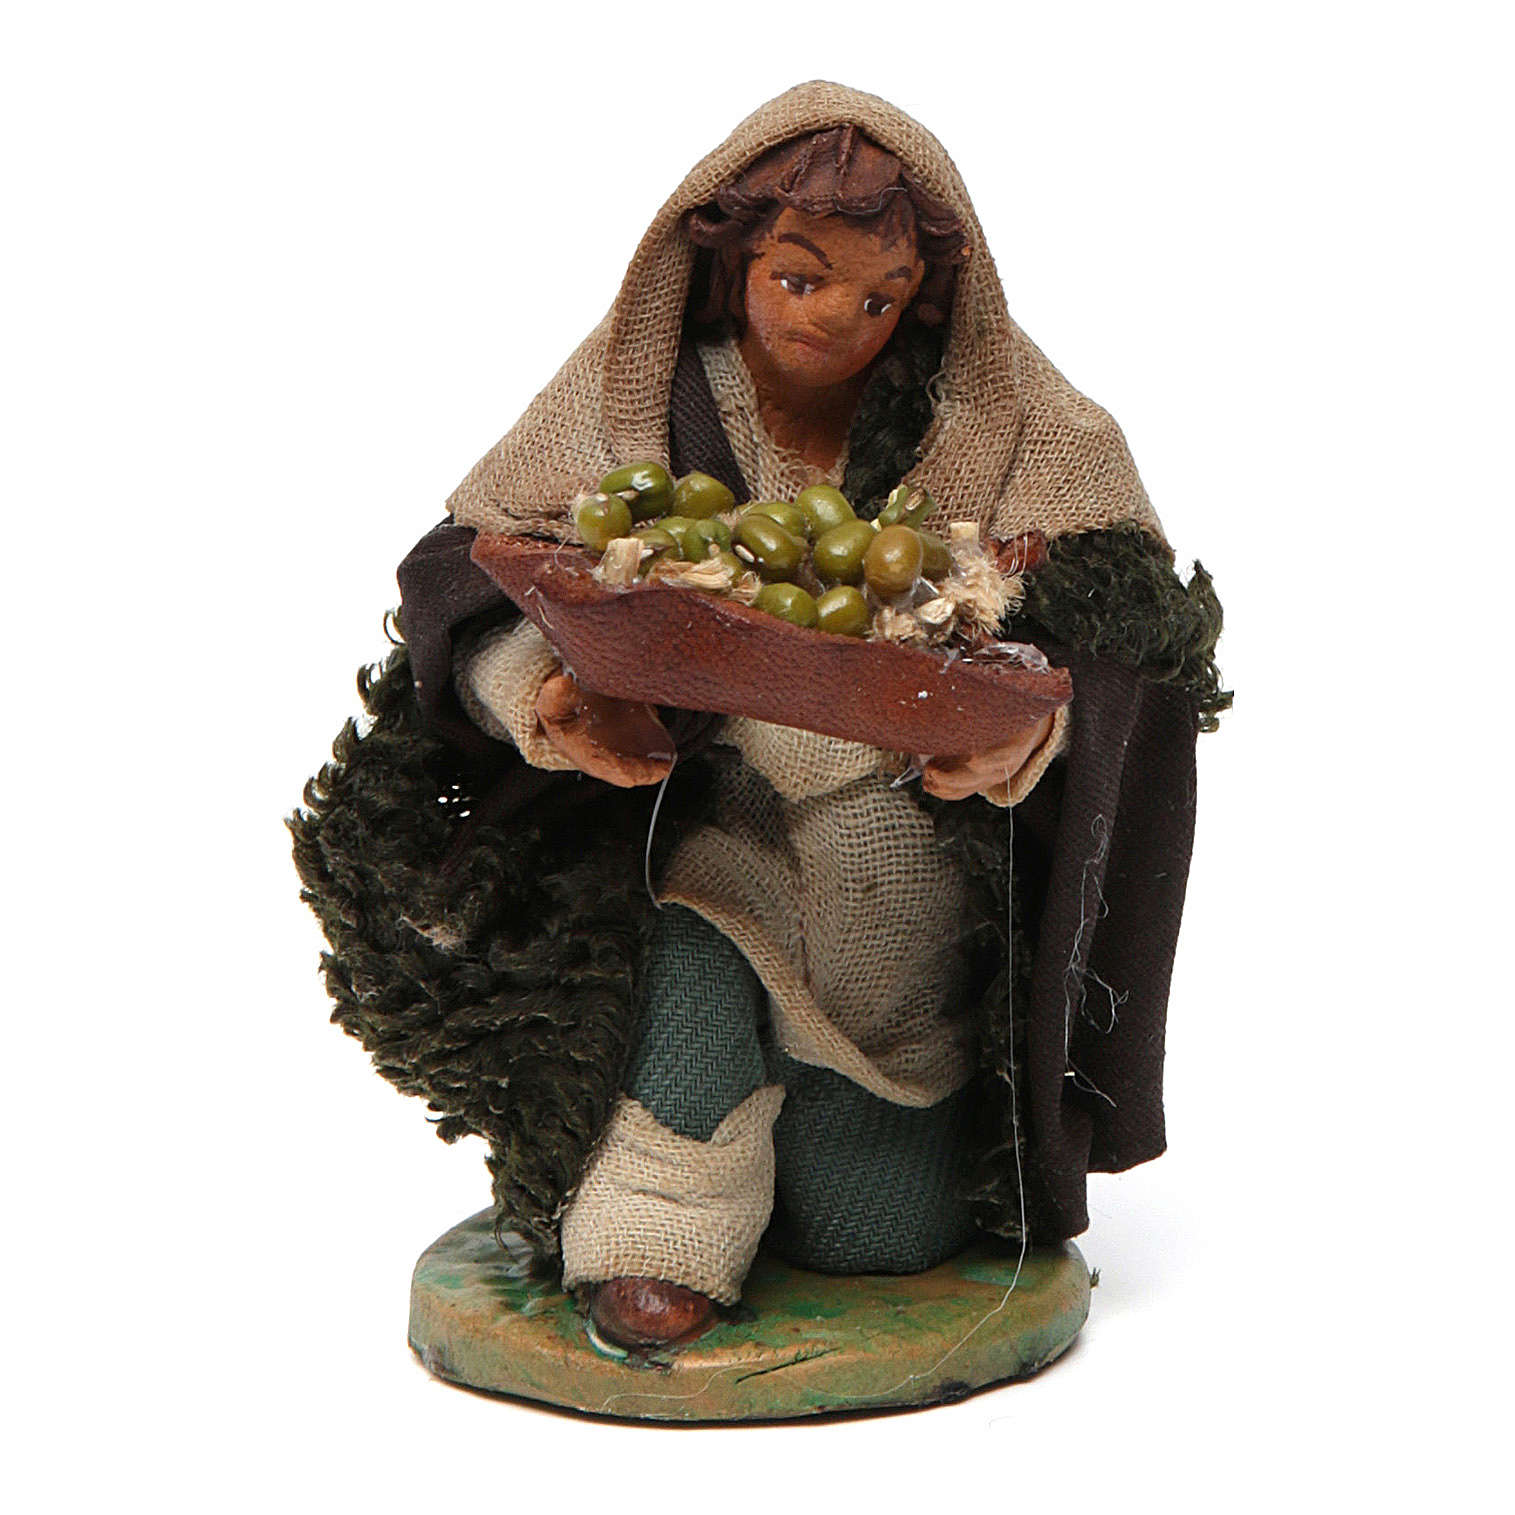 Uomo in ginocchio con olive cesto cuoio 10 cm presepe Napoli 4